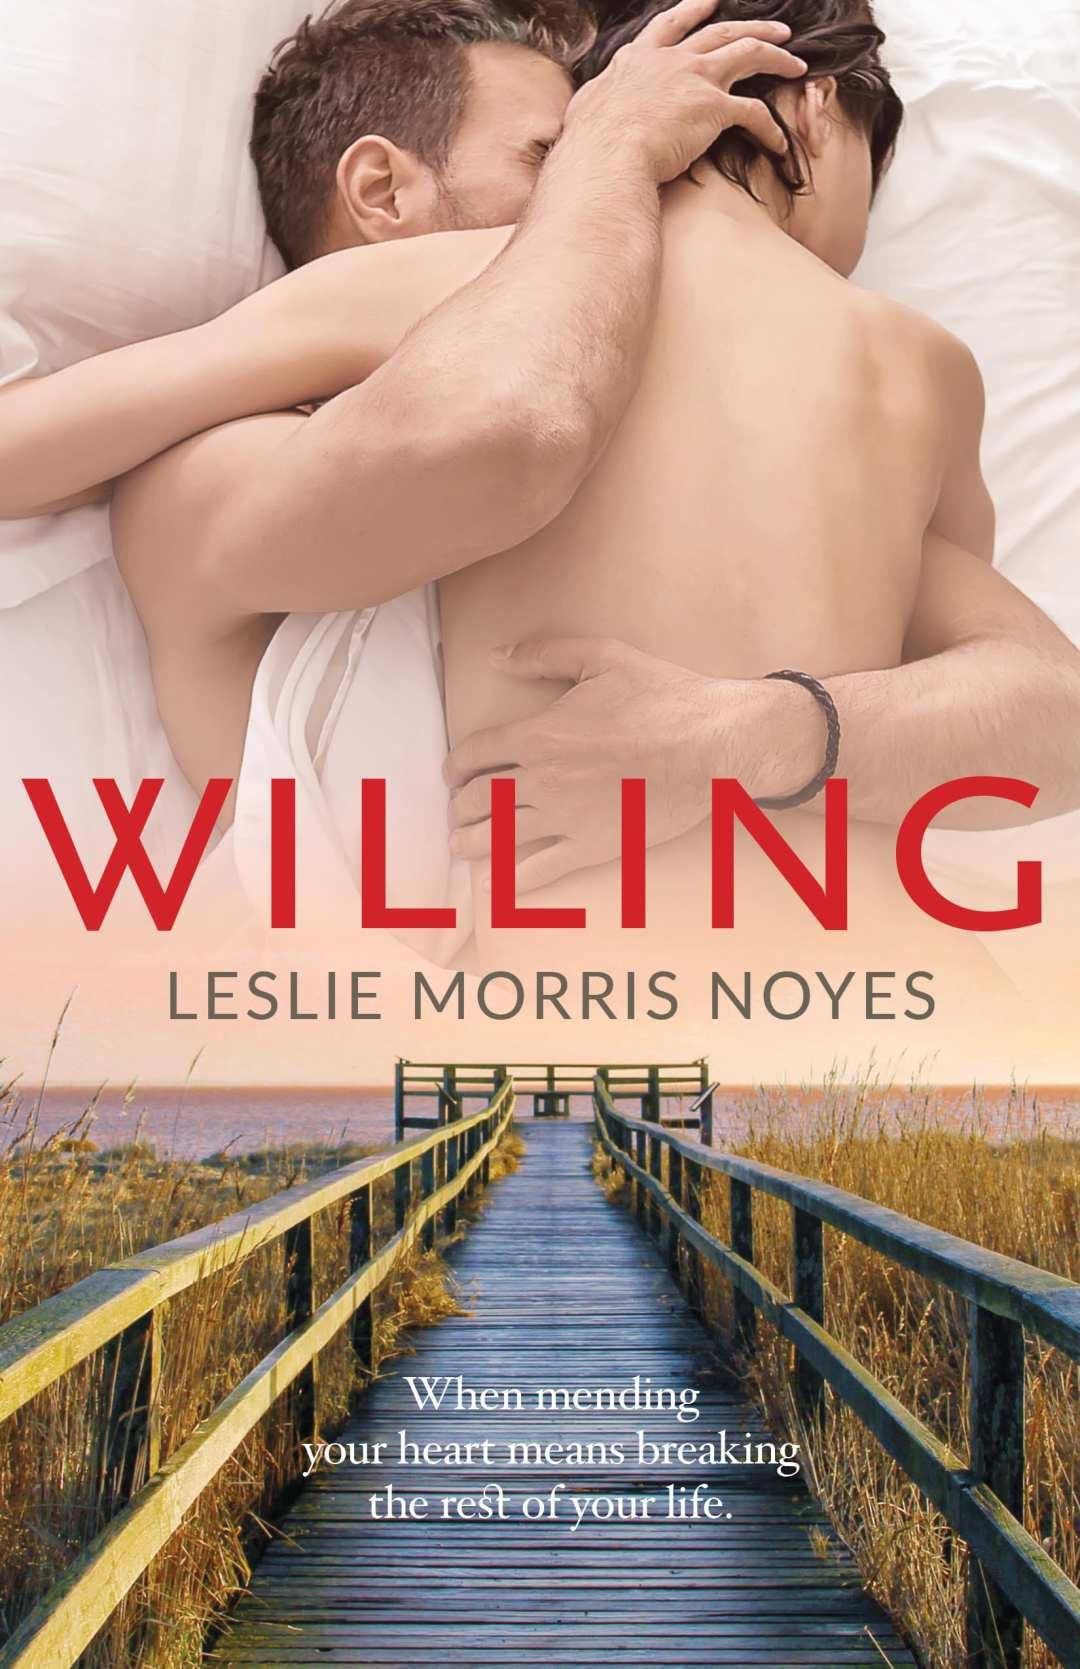 Leslie Morris Noyes - Willing Book Cover